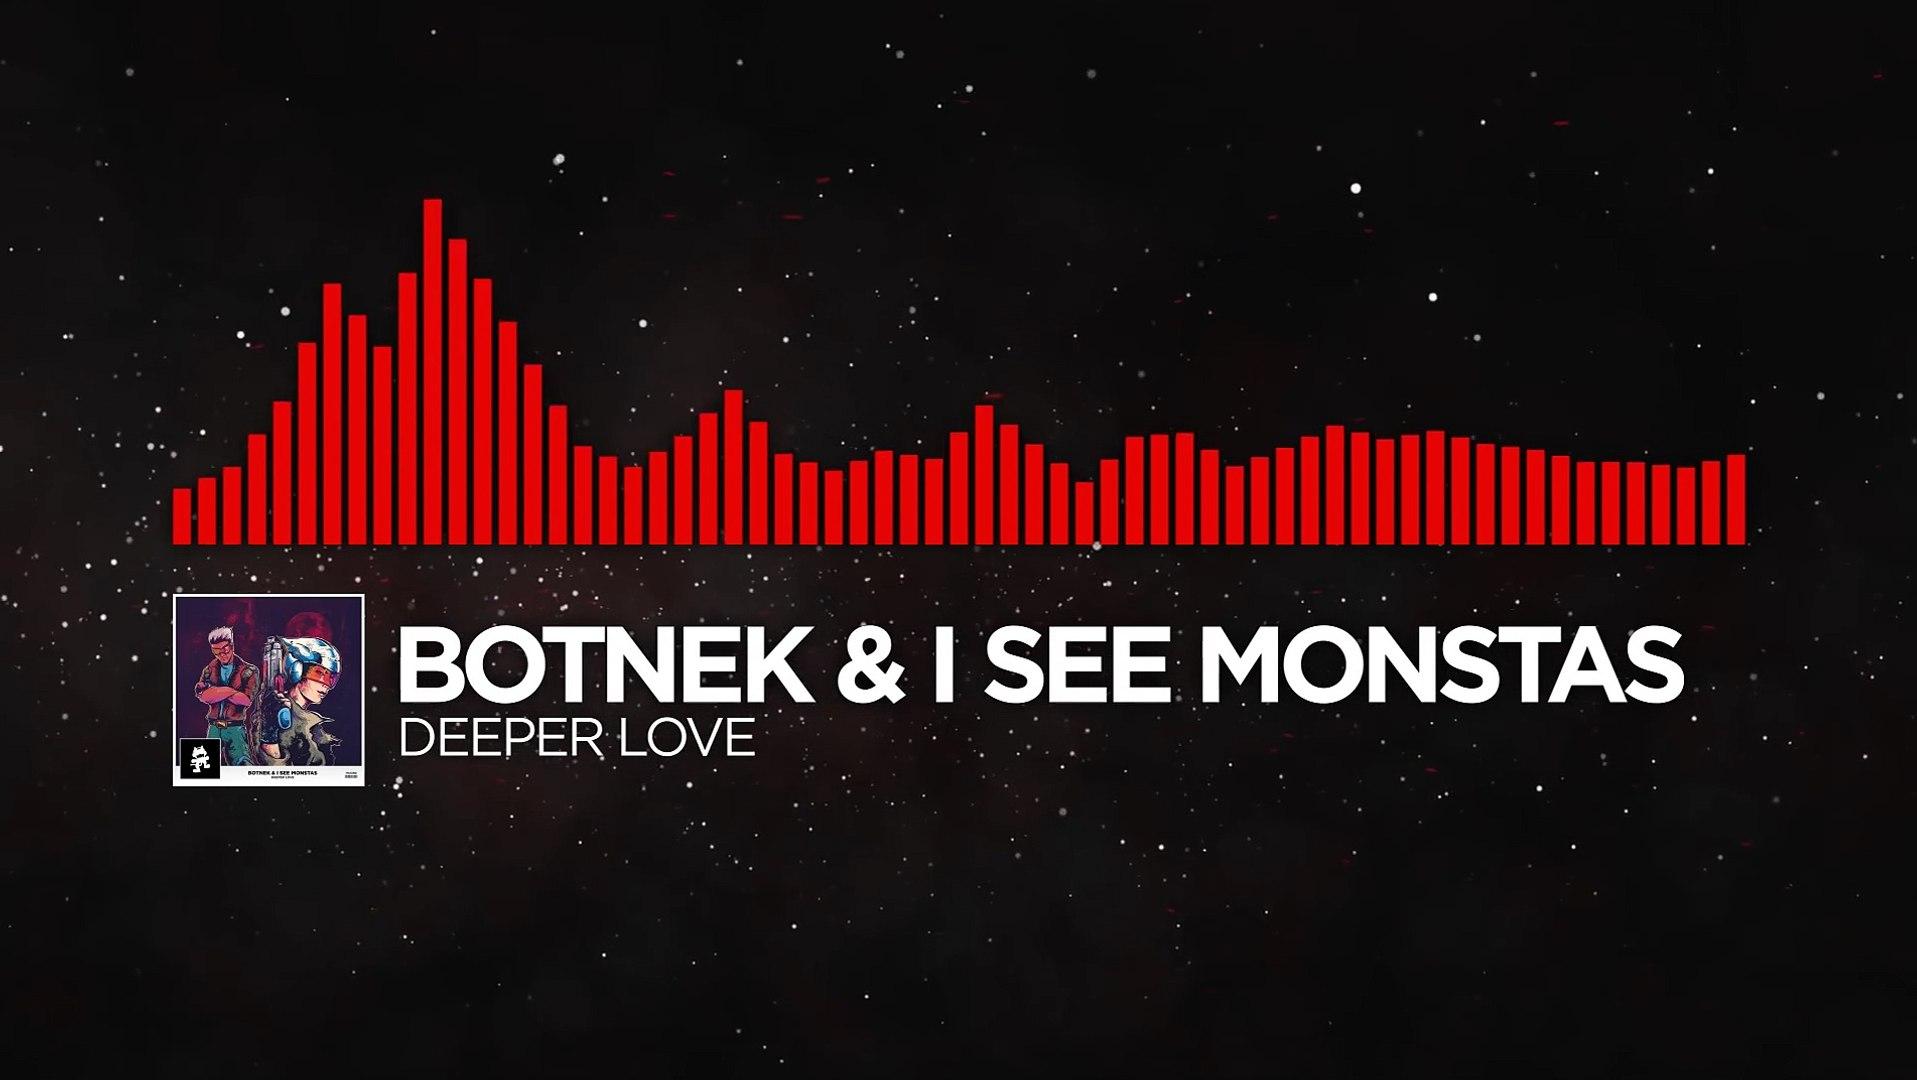 [DnB] - Botnek & I See MONSTAS - Deeper Love [Monstercat Release] (0yi5e25Fd-g)